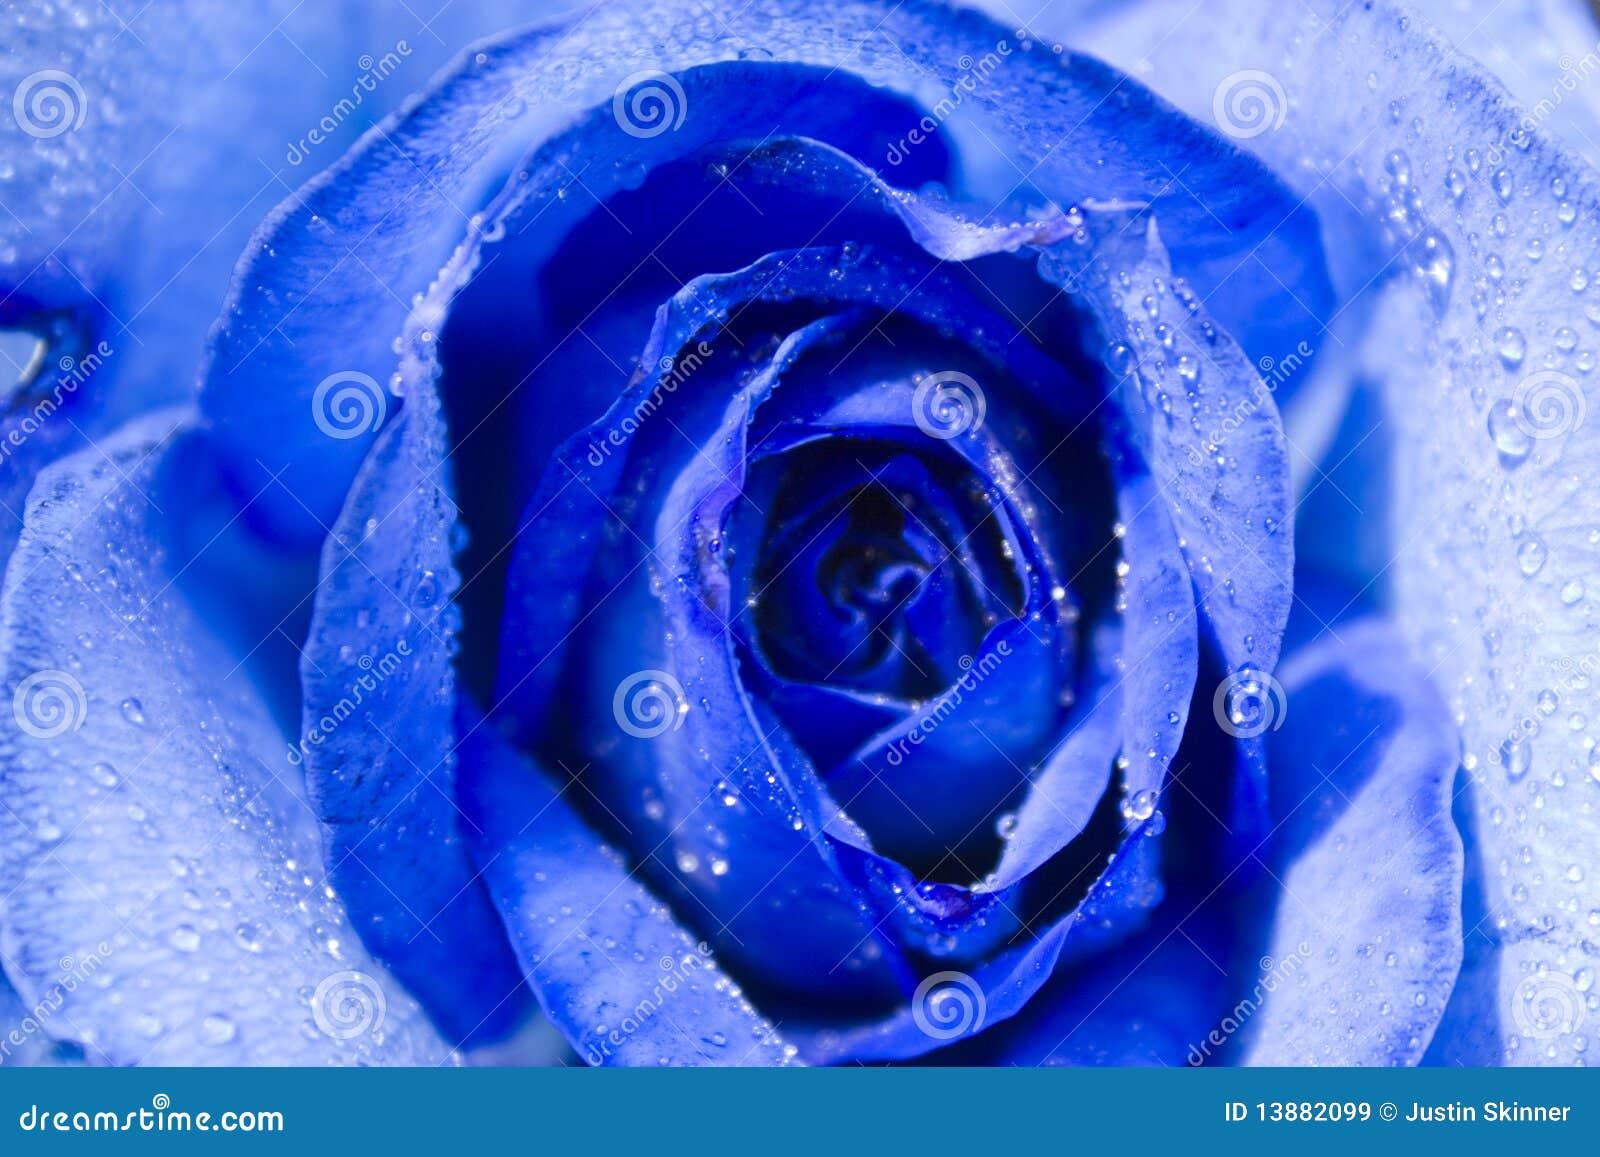 blaue rose mit tau stockbild bild von fotographie stieg 13882099. Black Bedroom Furniture Sets. Home Design Ideas